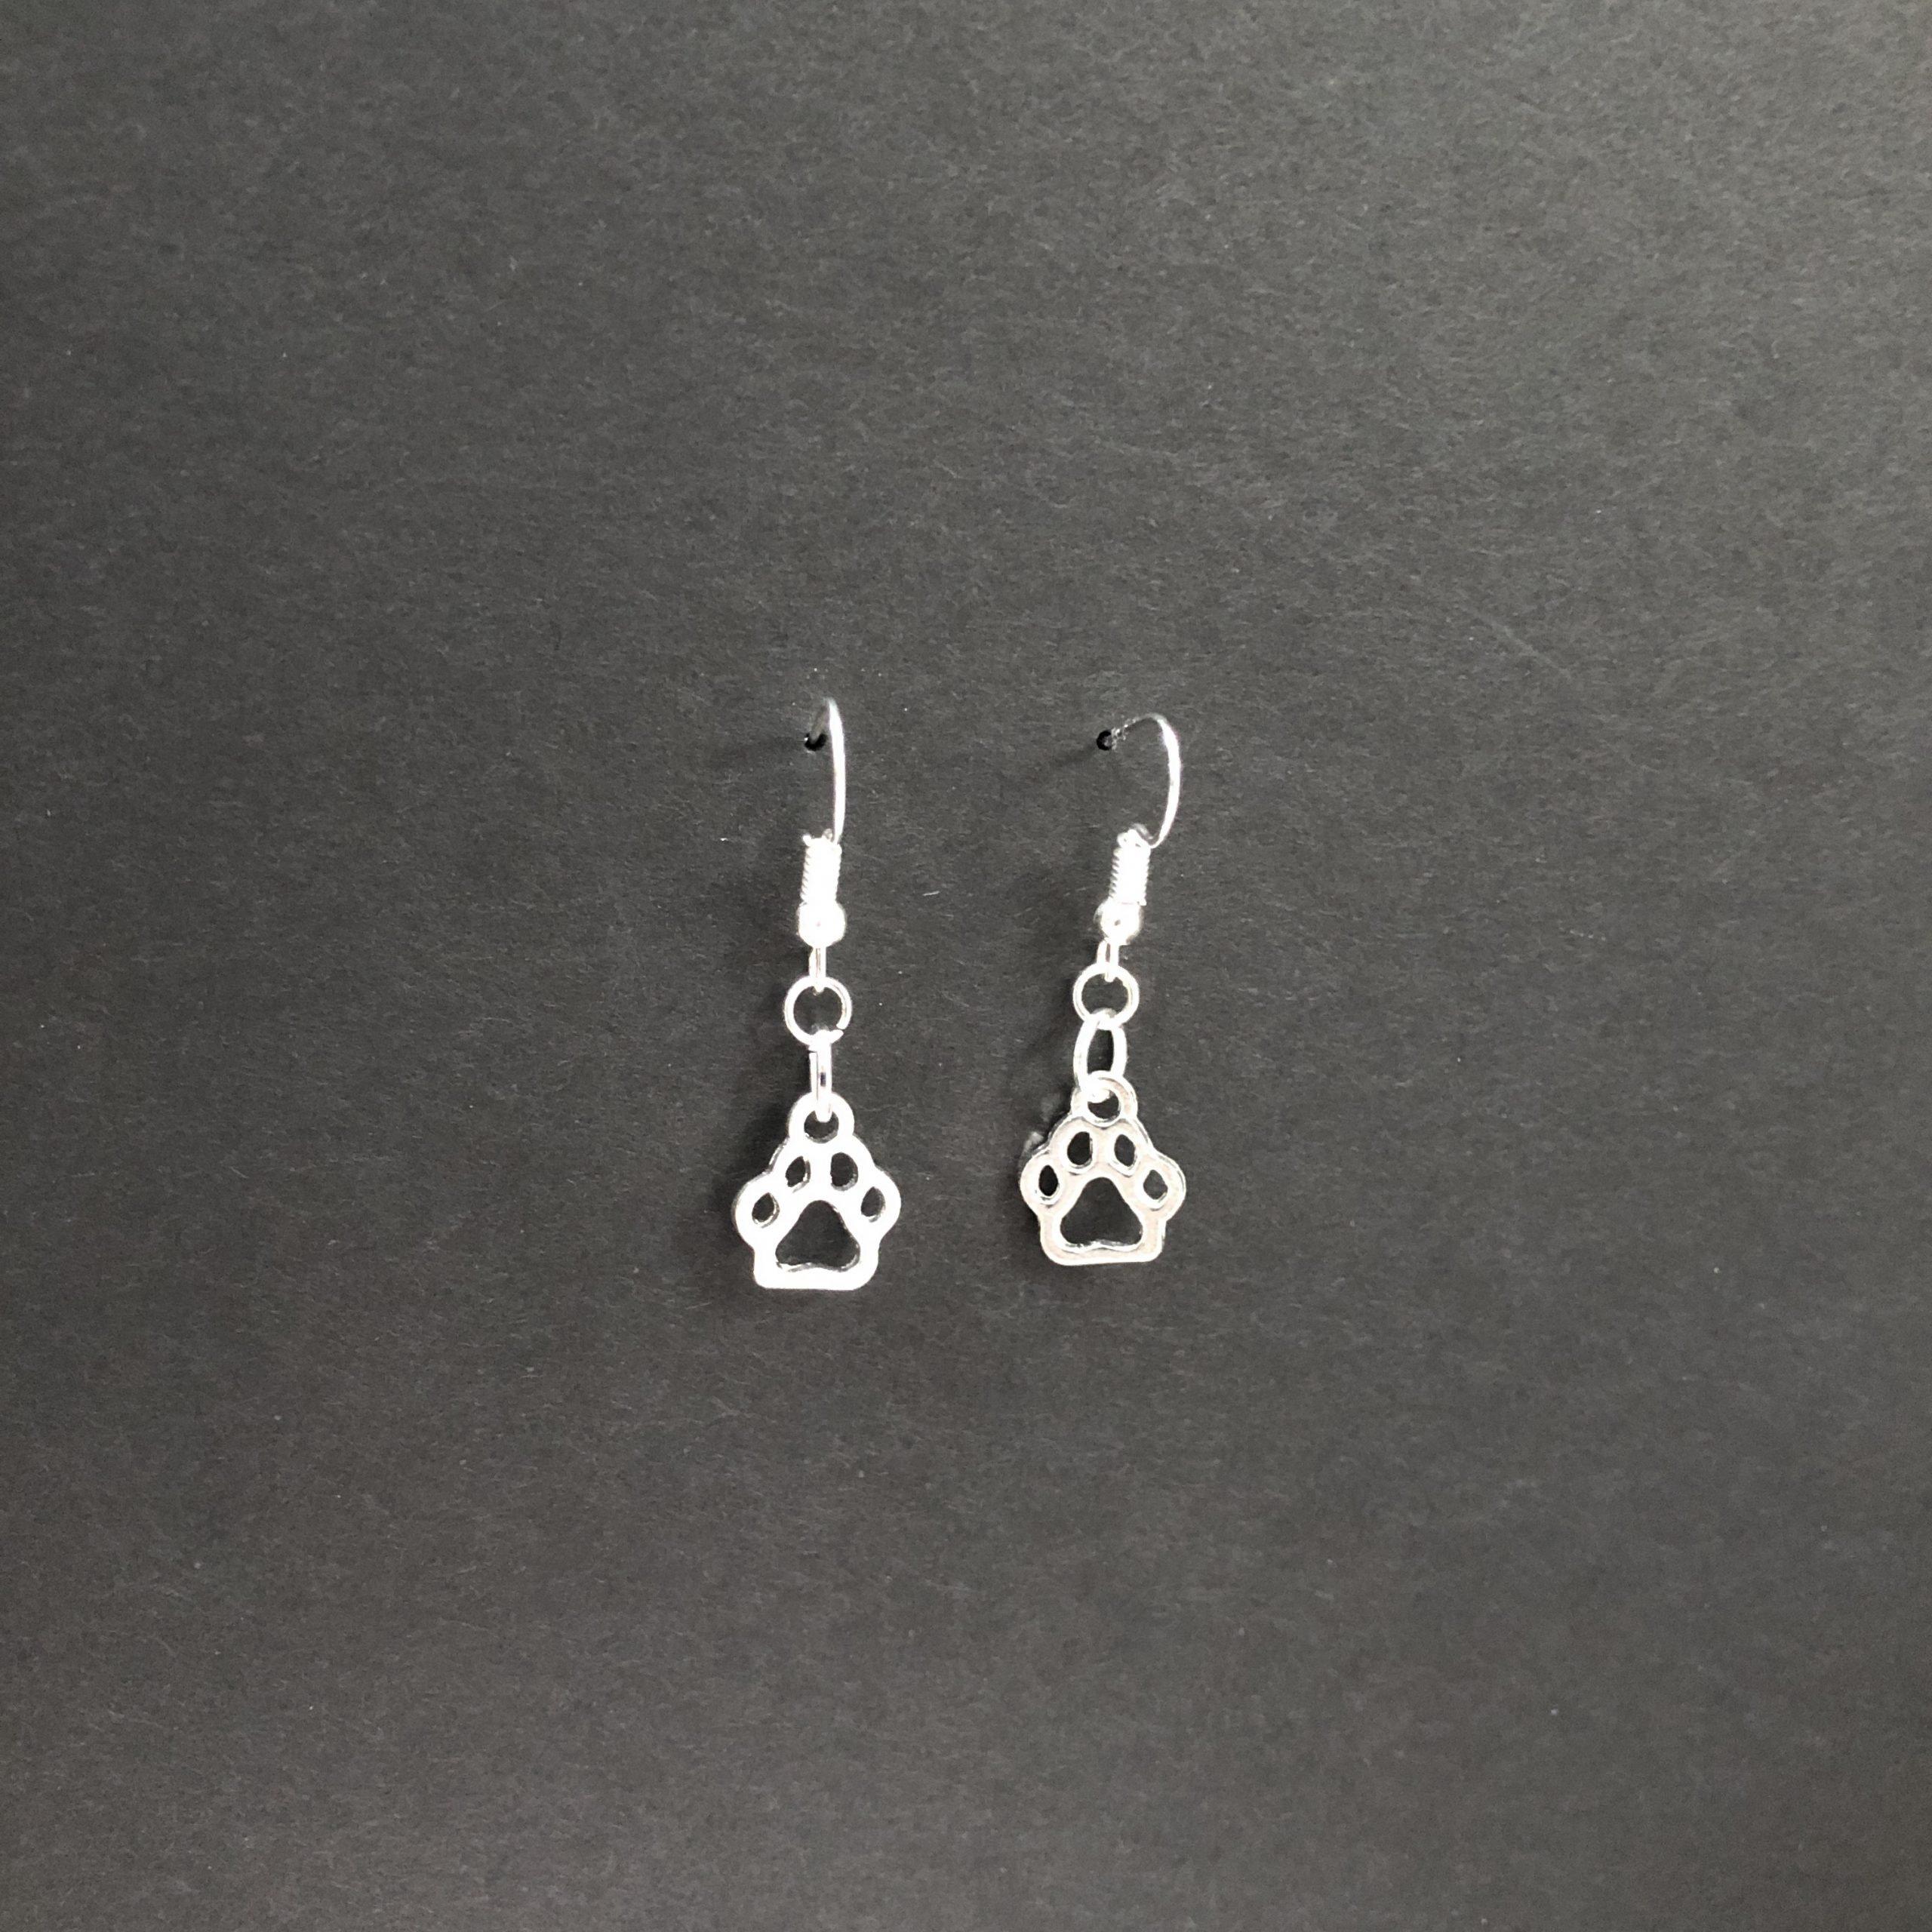 Mr. PawDangle Silver earrings